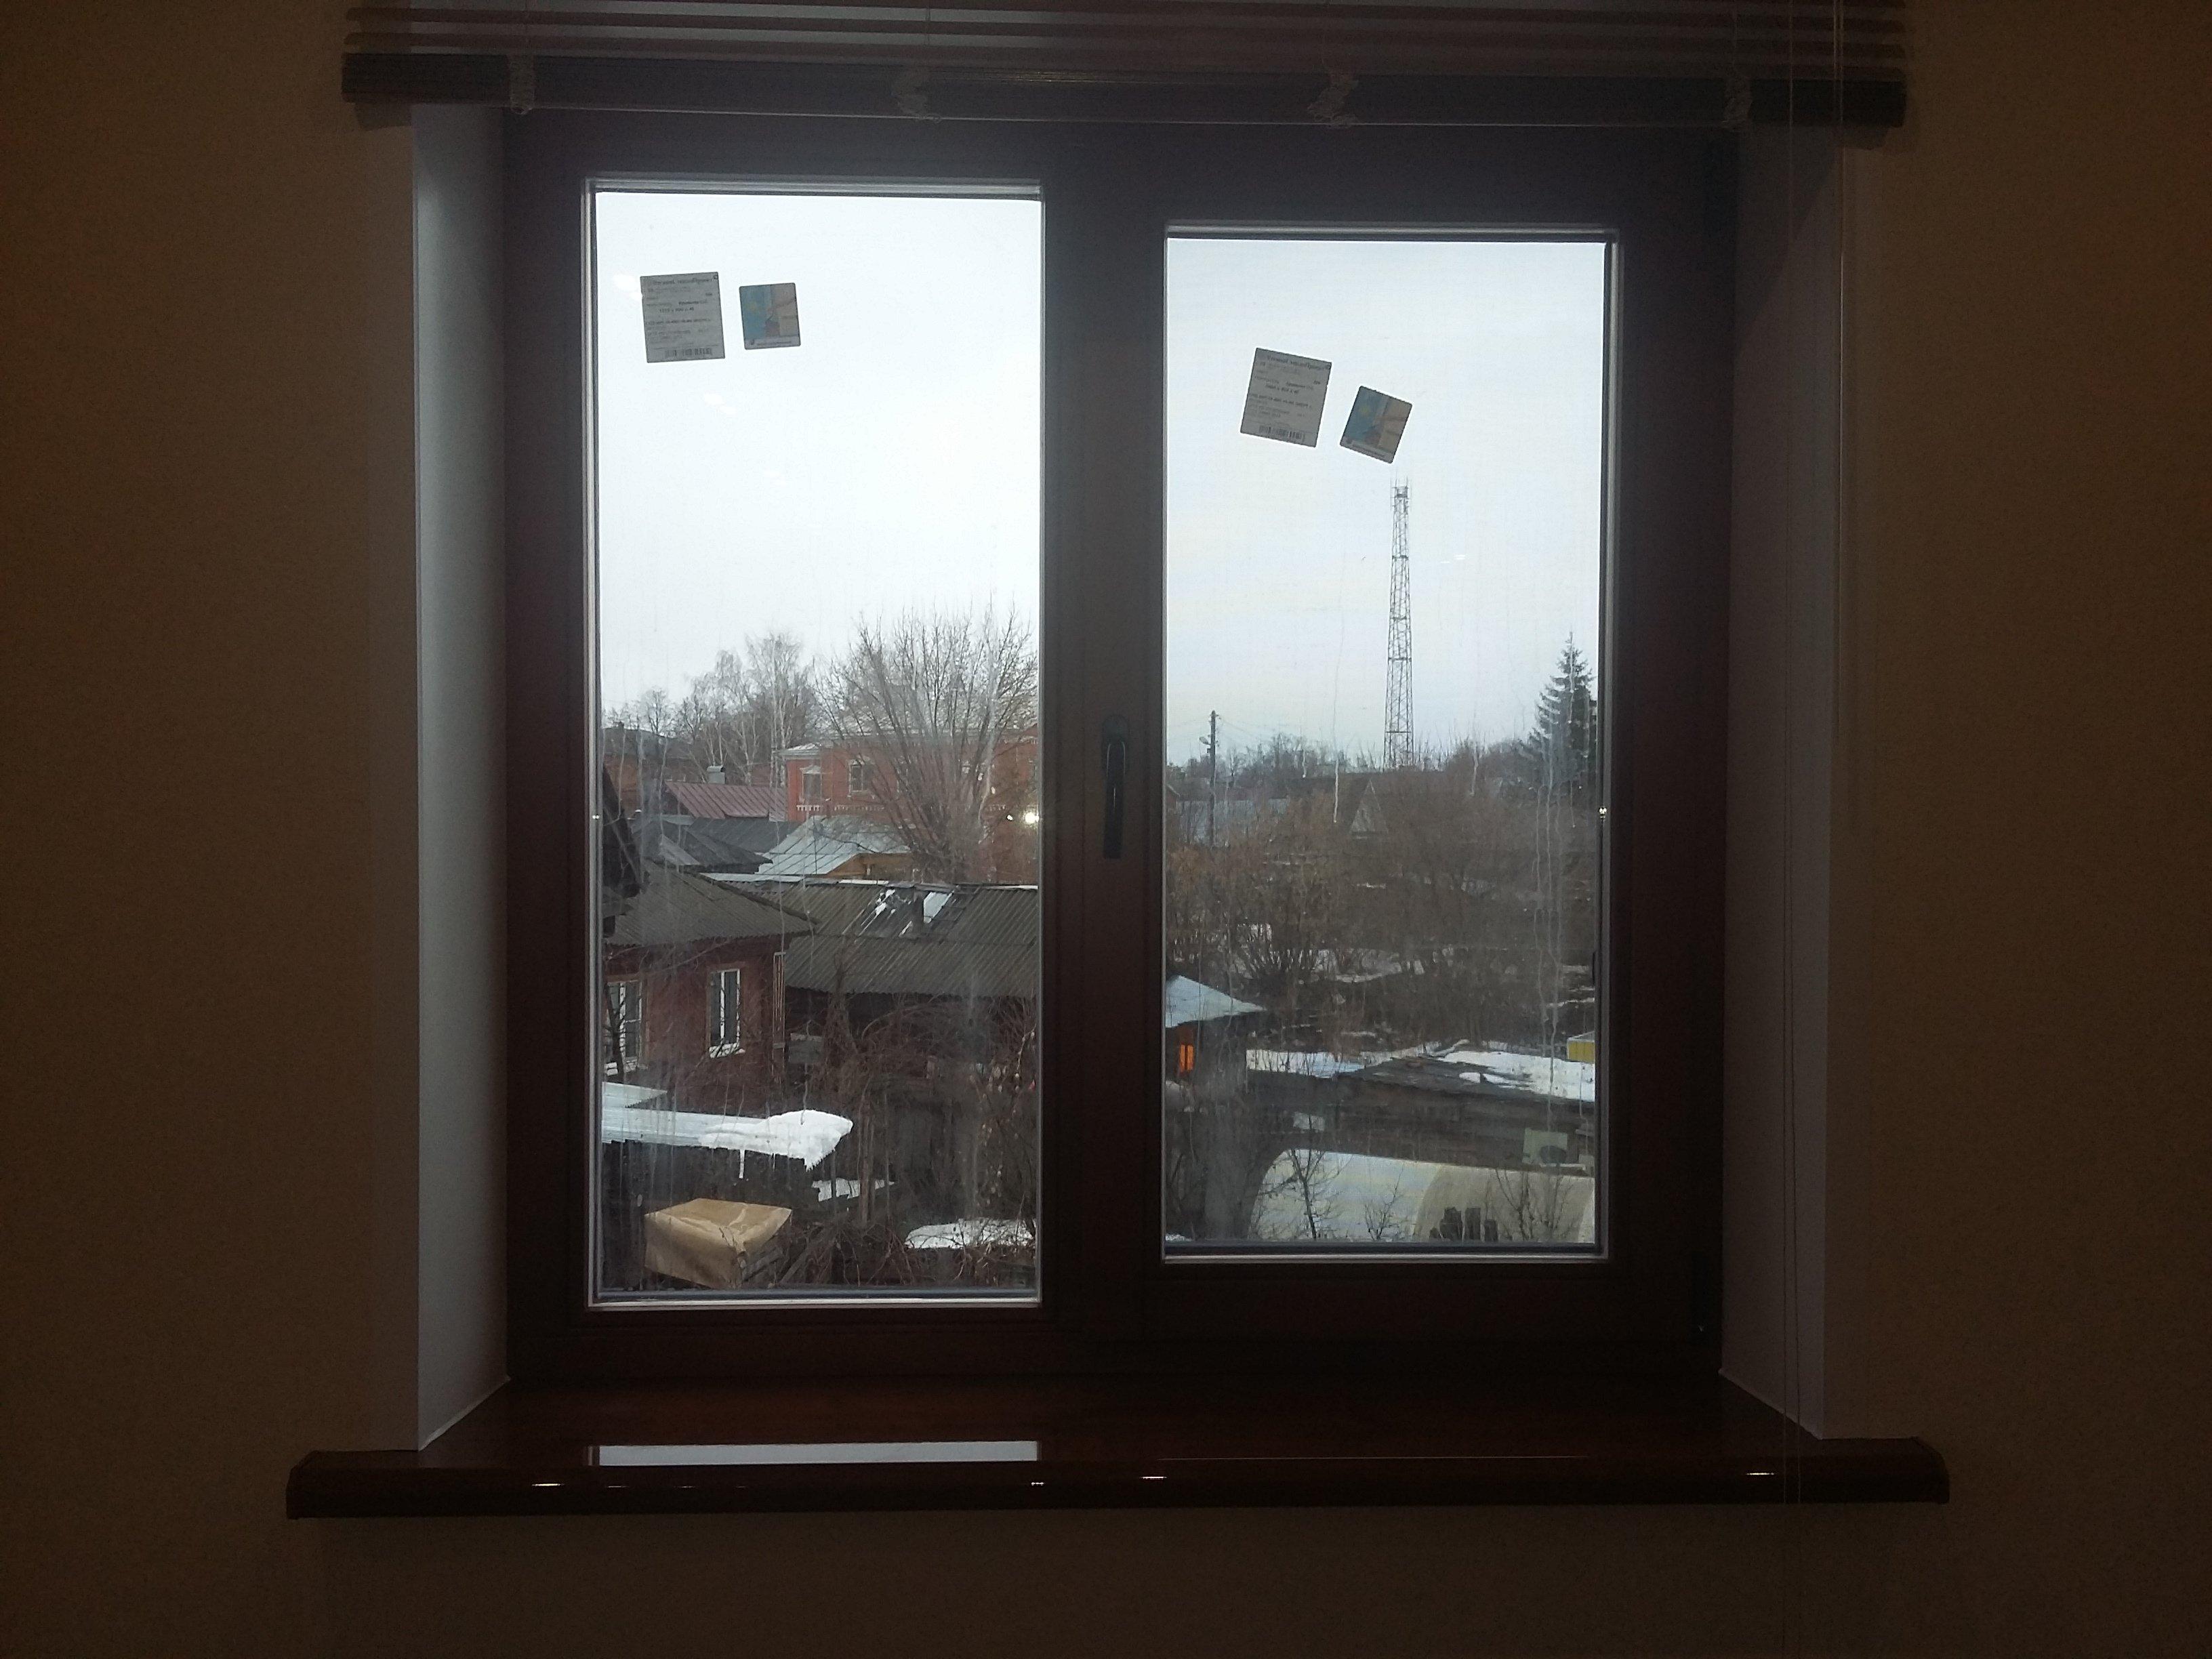 http://vseokna-nn.ru/images/upload/20170320_160737.jpg